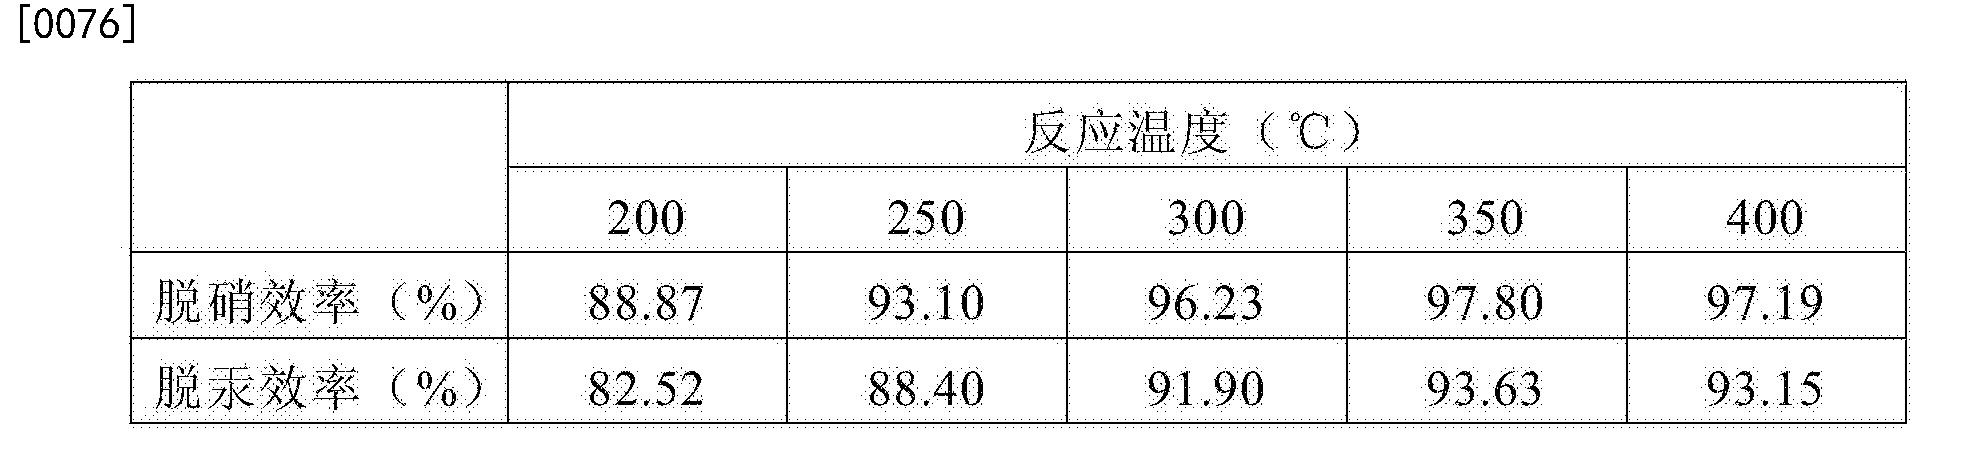 Figure CN104888806BD00081